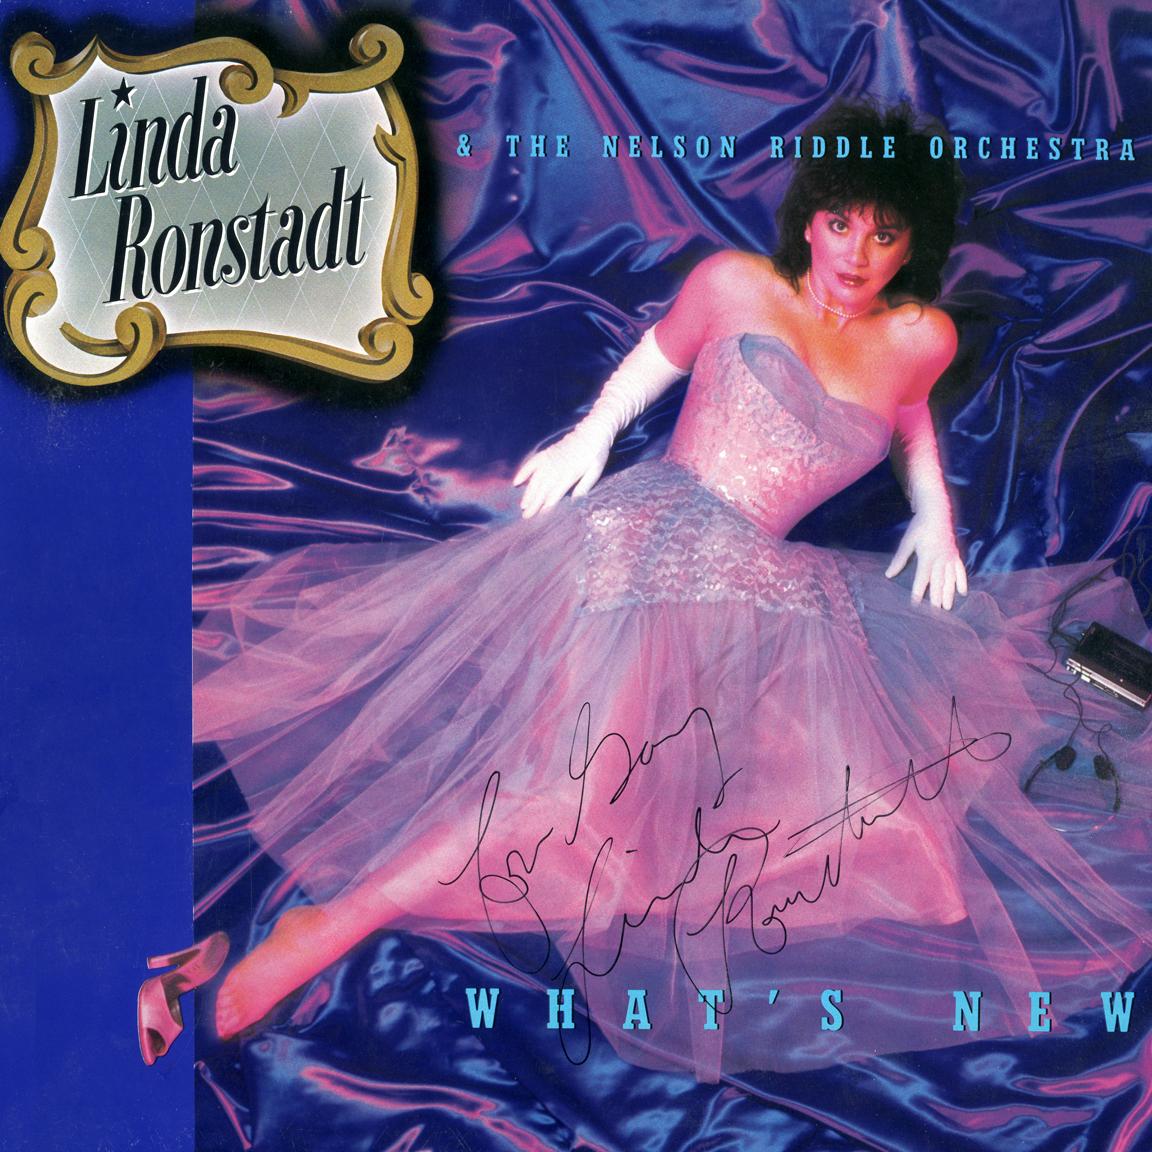 Linda Ronstadt Album.jpg